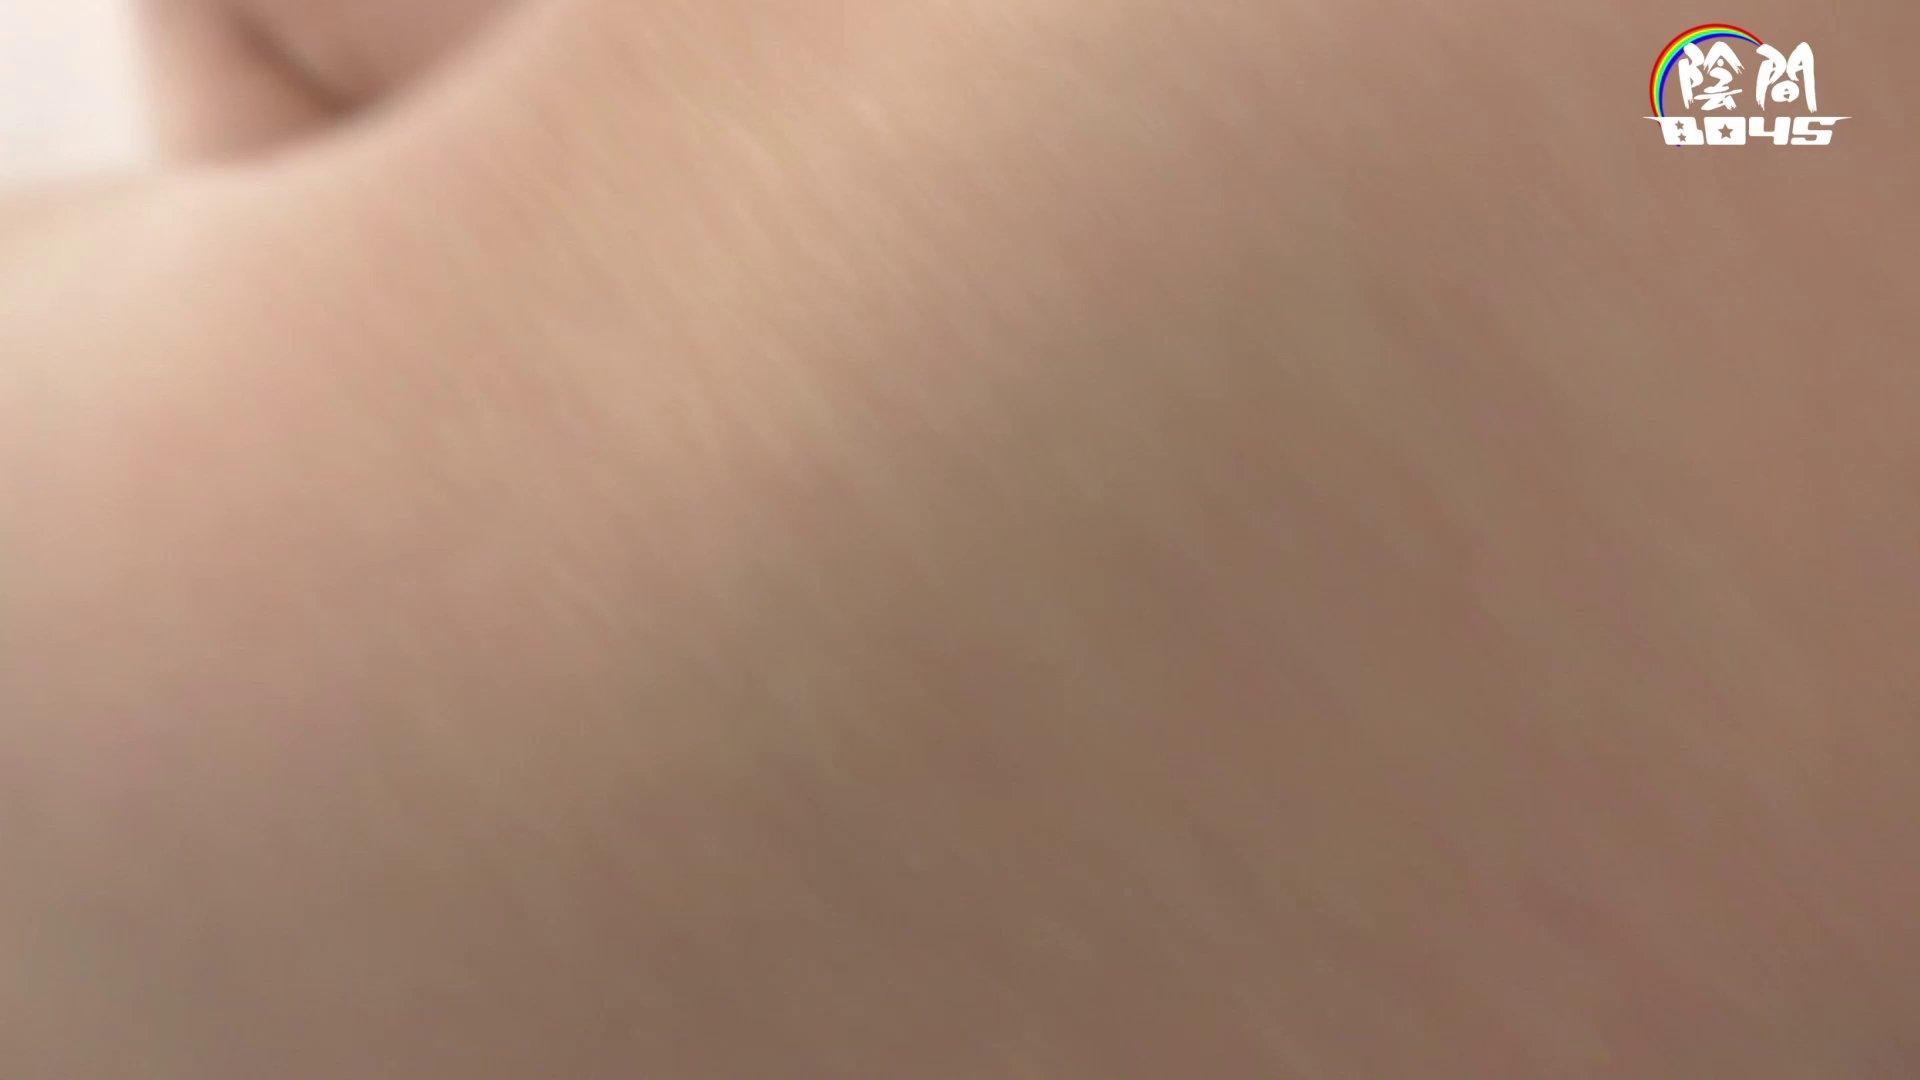 ゲイザーメン動画|奥まで突かないでpart2 ~デカチンの口とアナルで~Vol.04|犯され